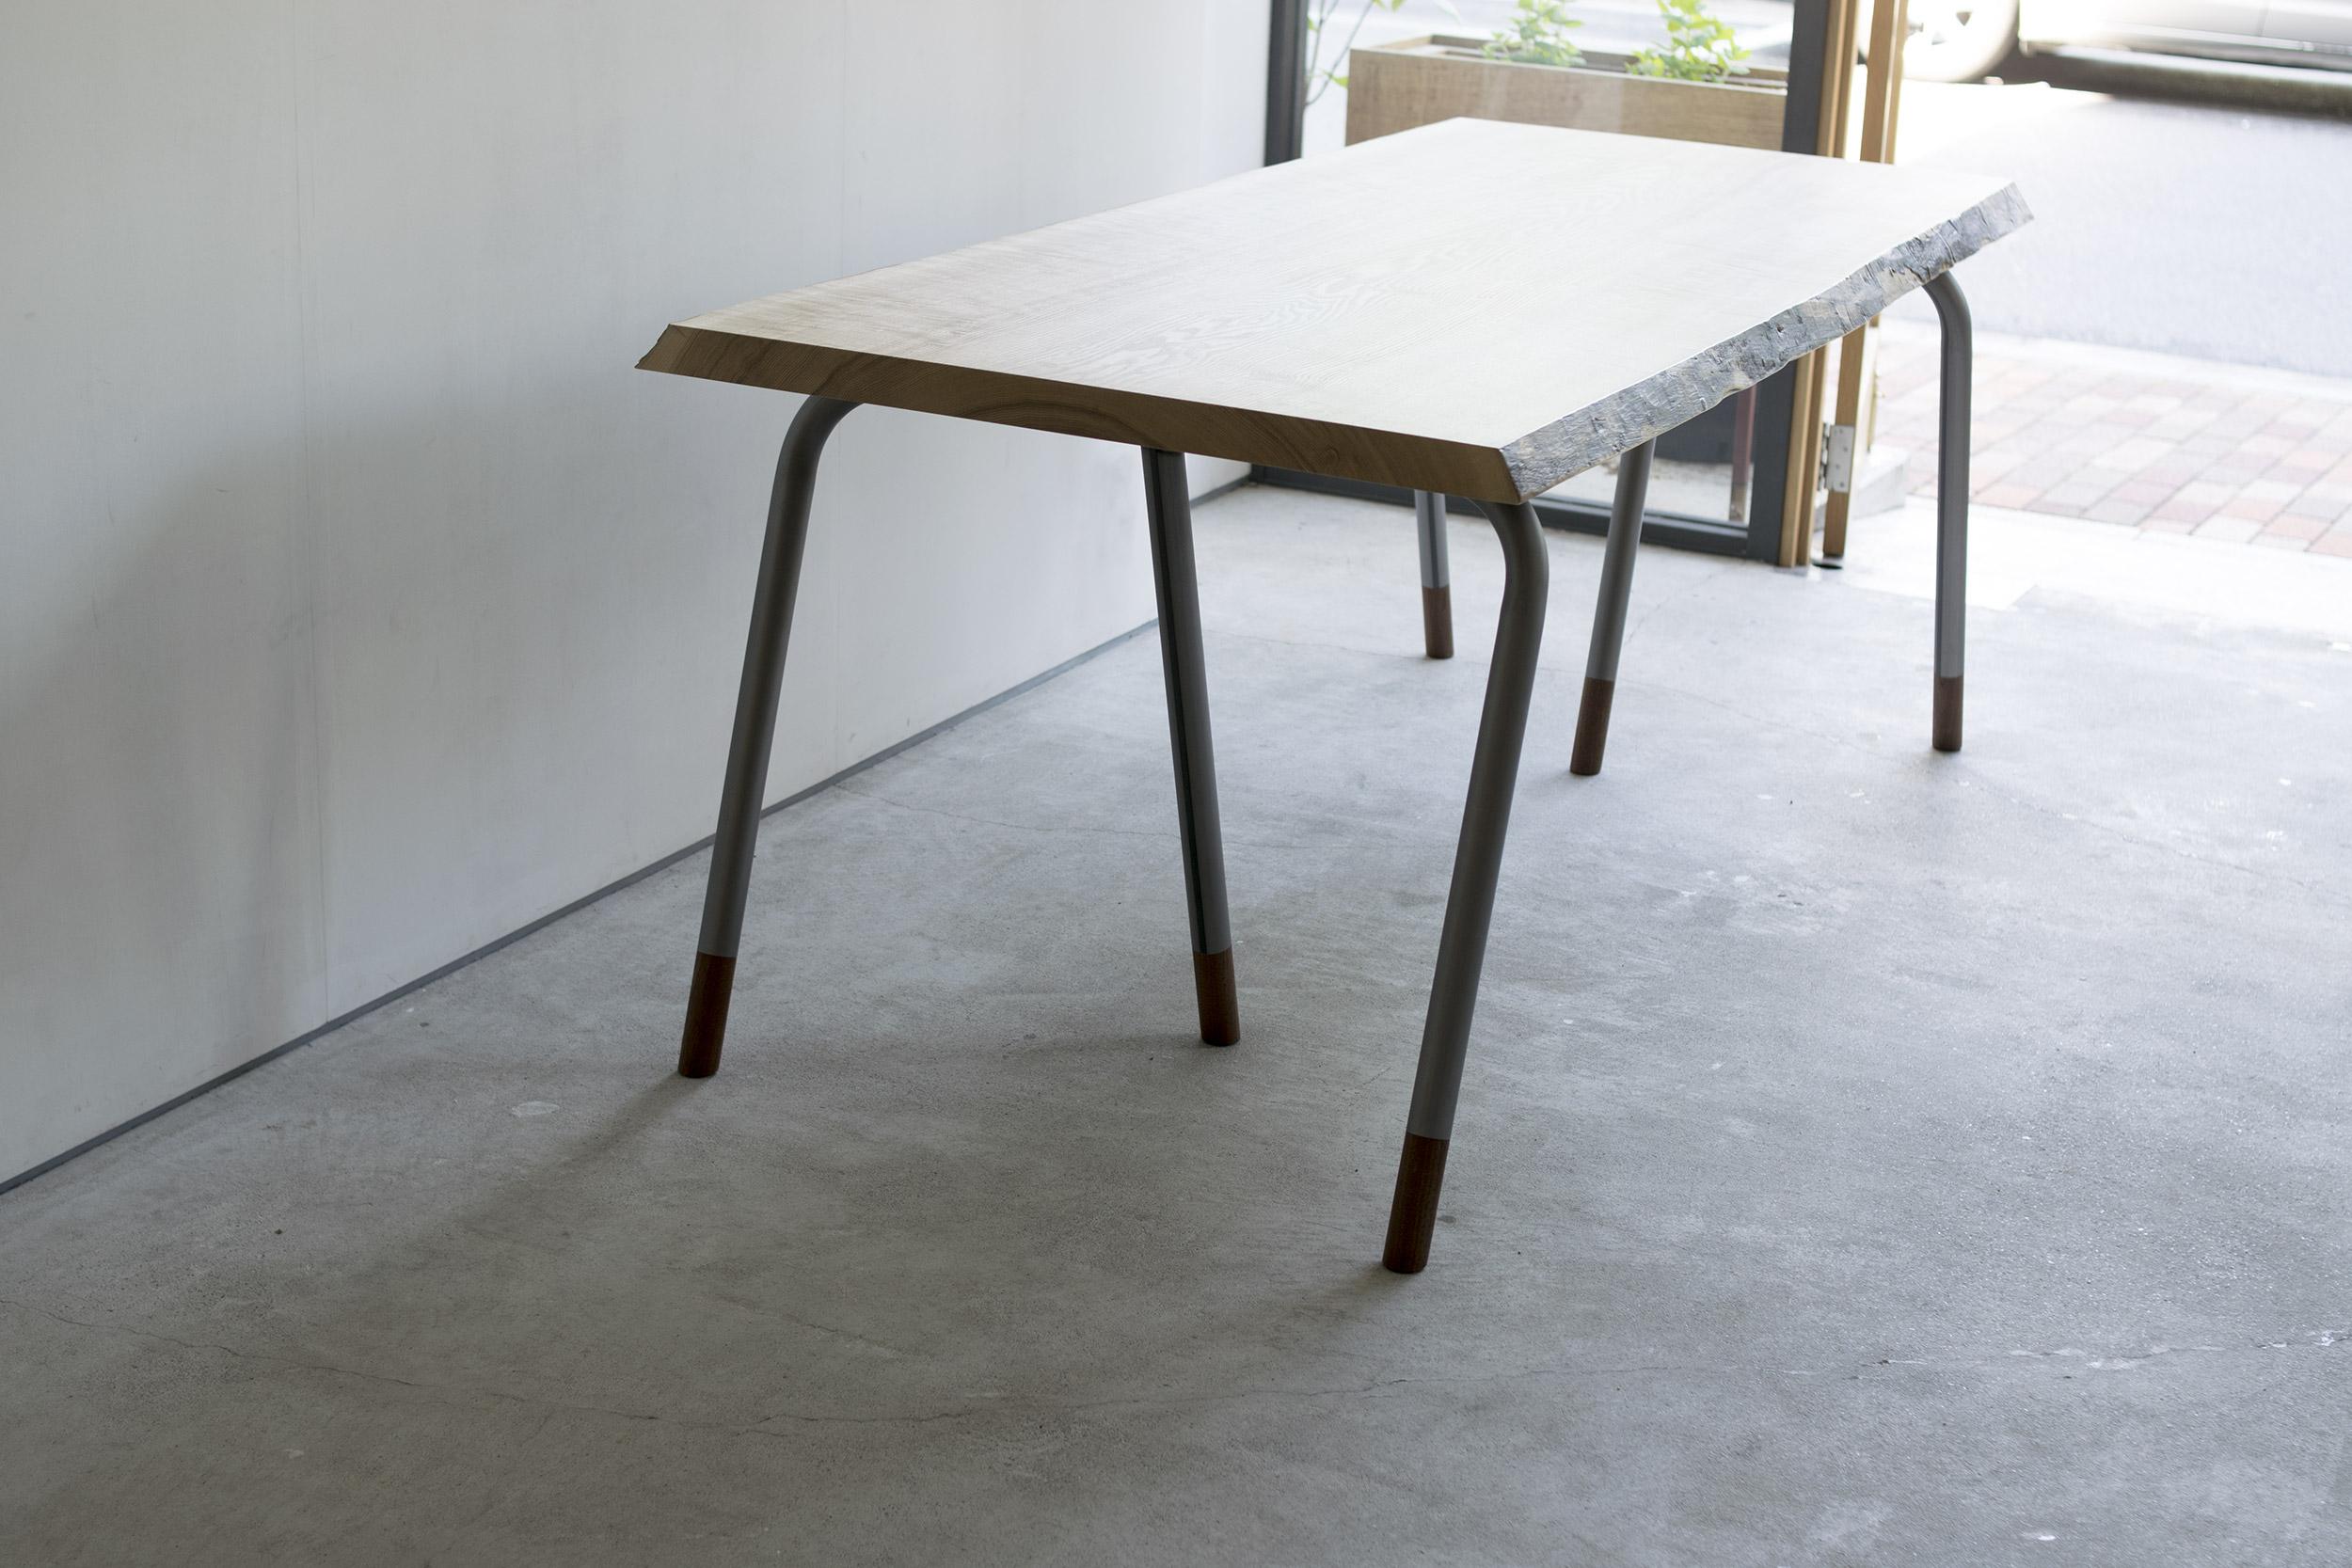 タモ一枚板天板にスチールパイプレッグスを合わせた無垢天板テーブル